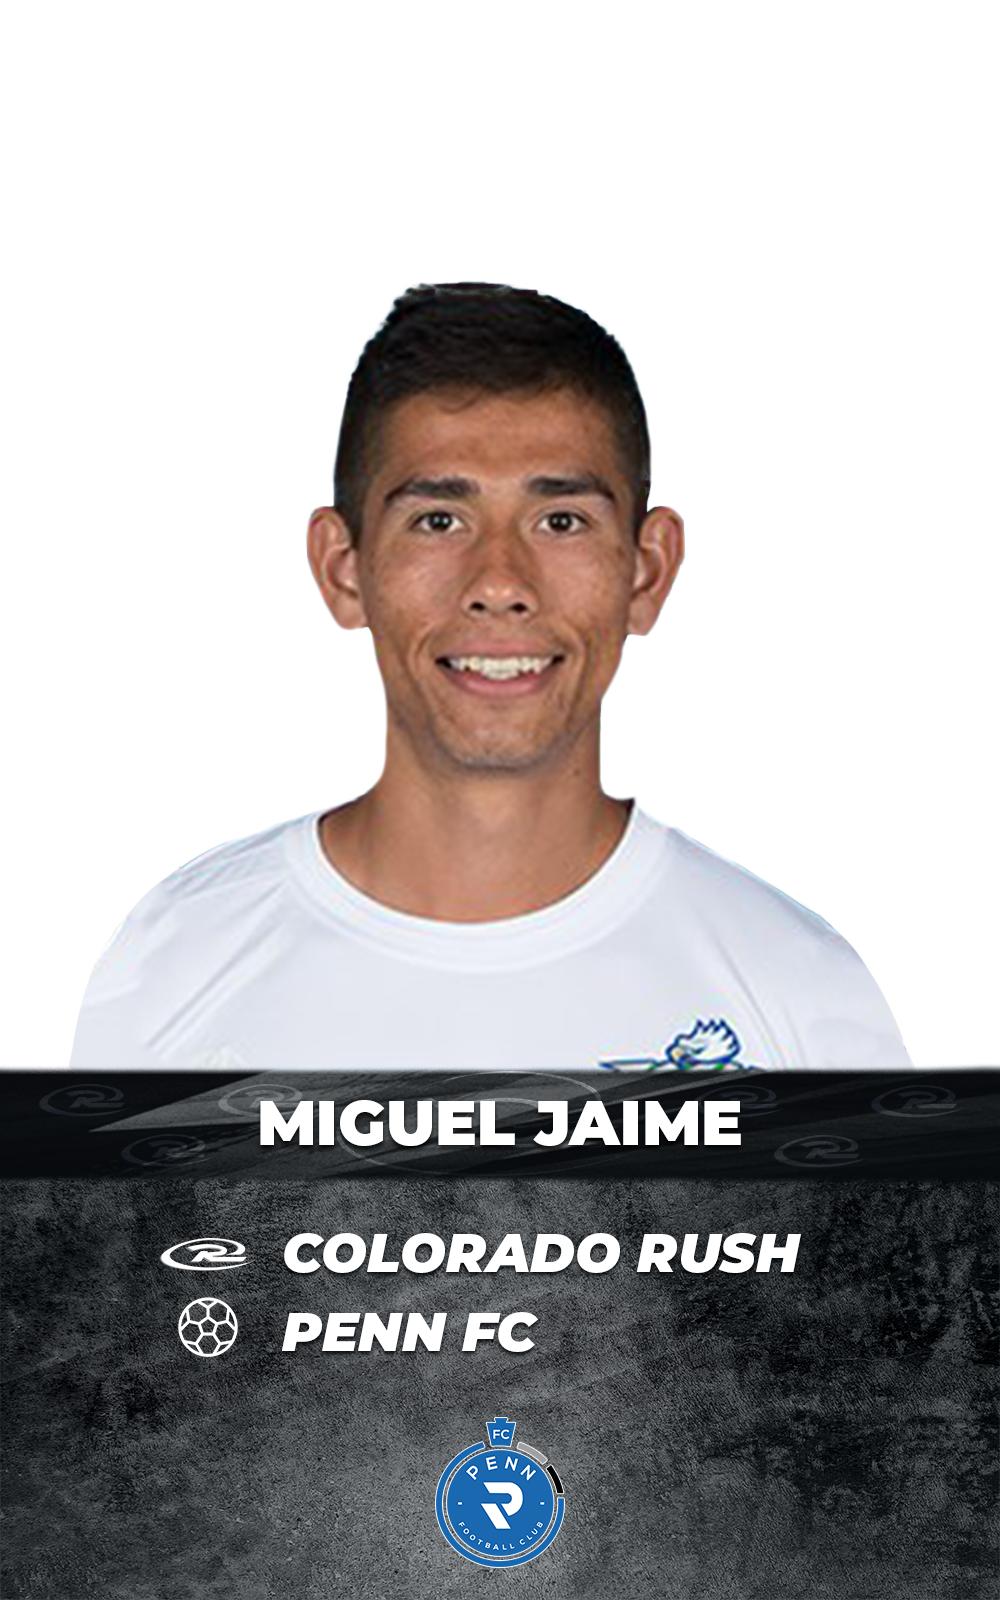 Miguel-Jaime